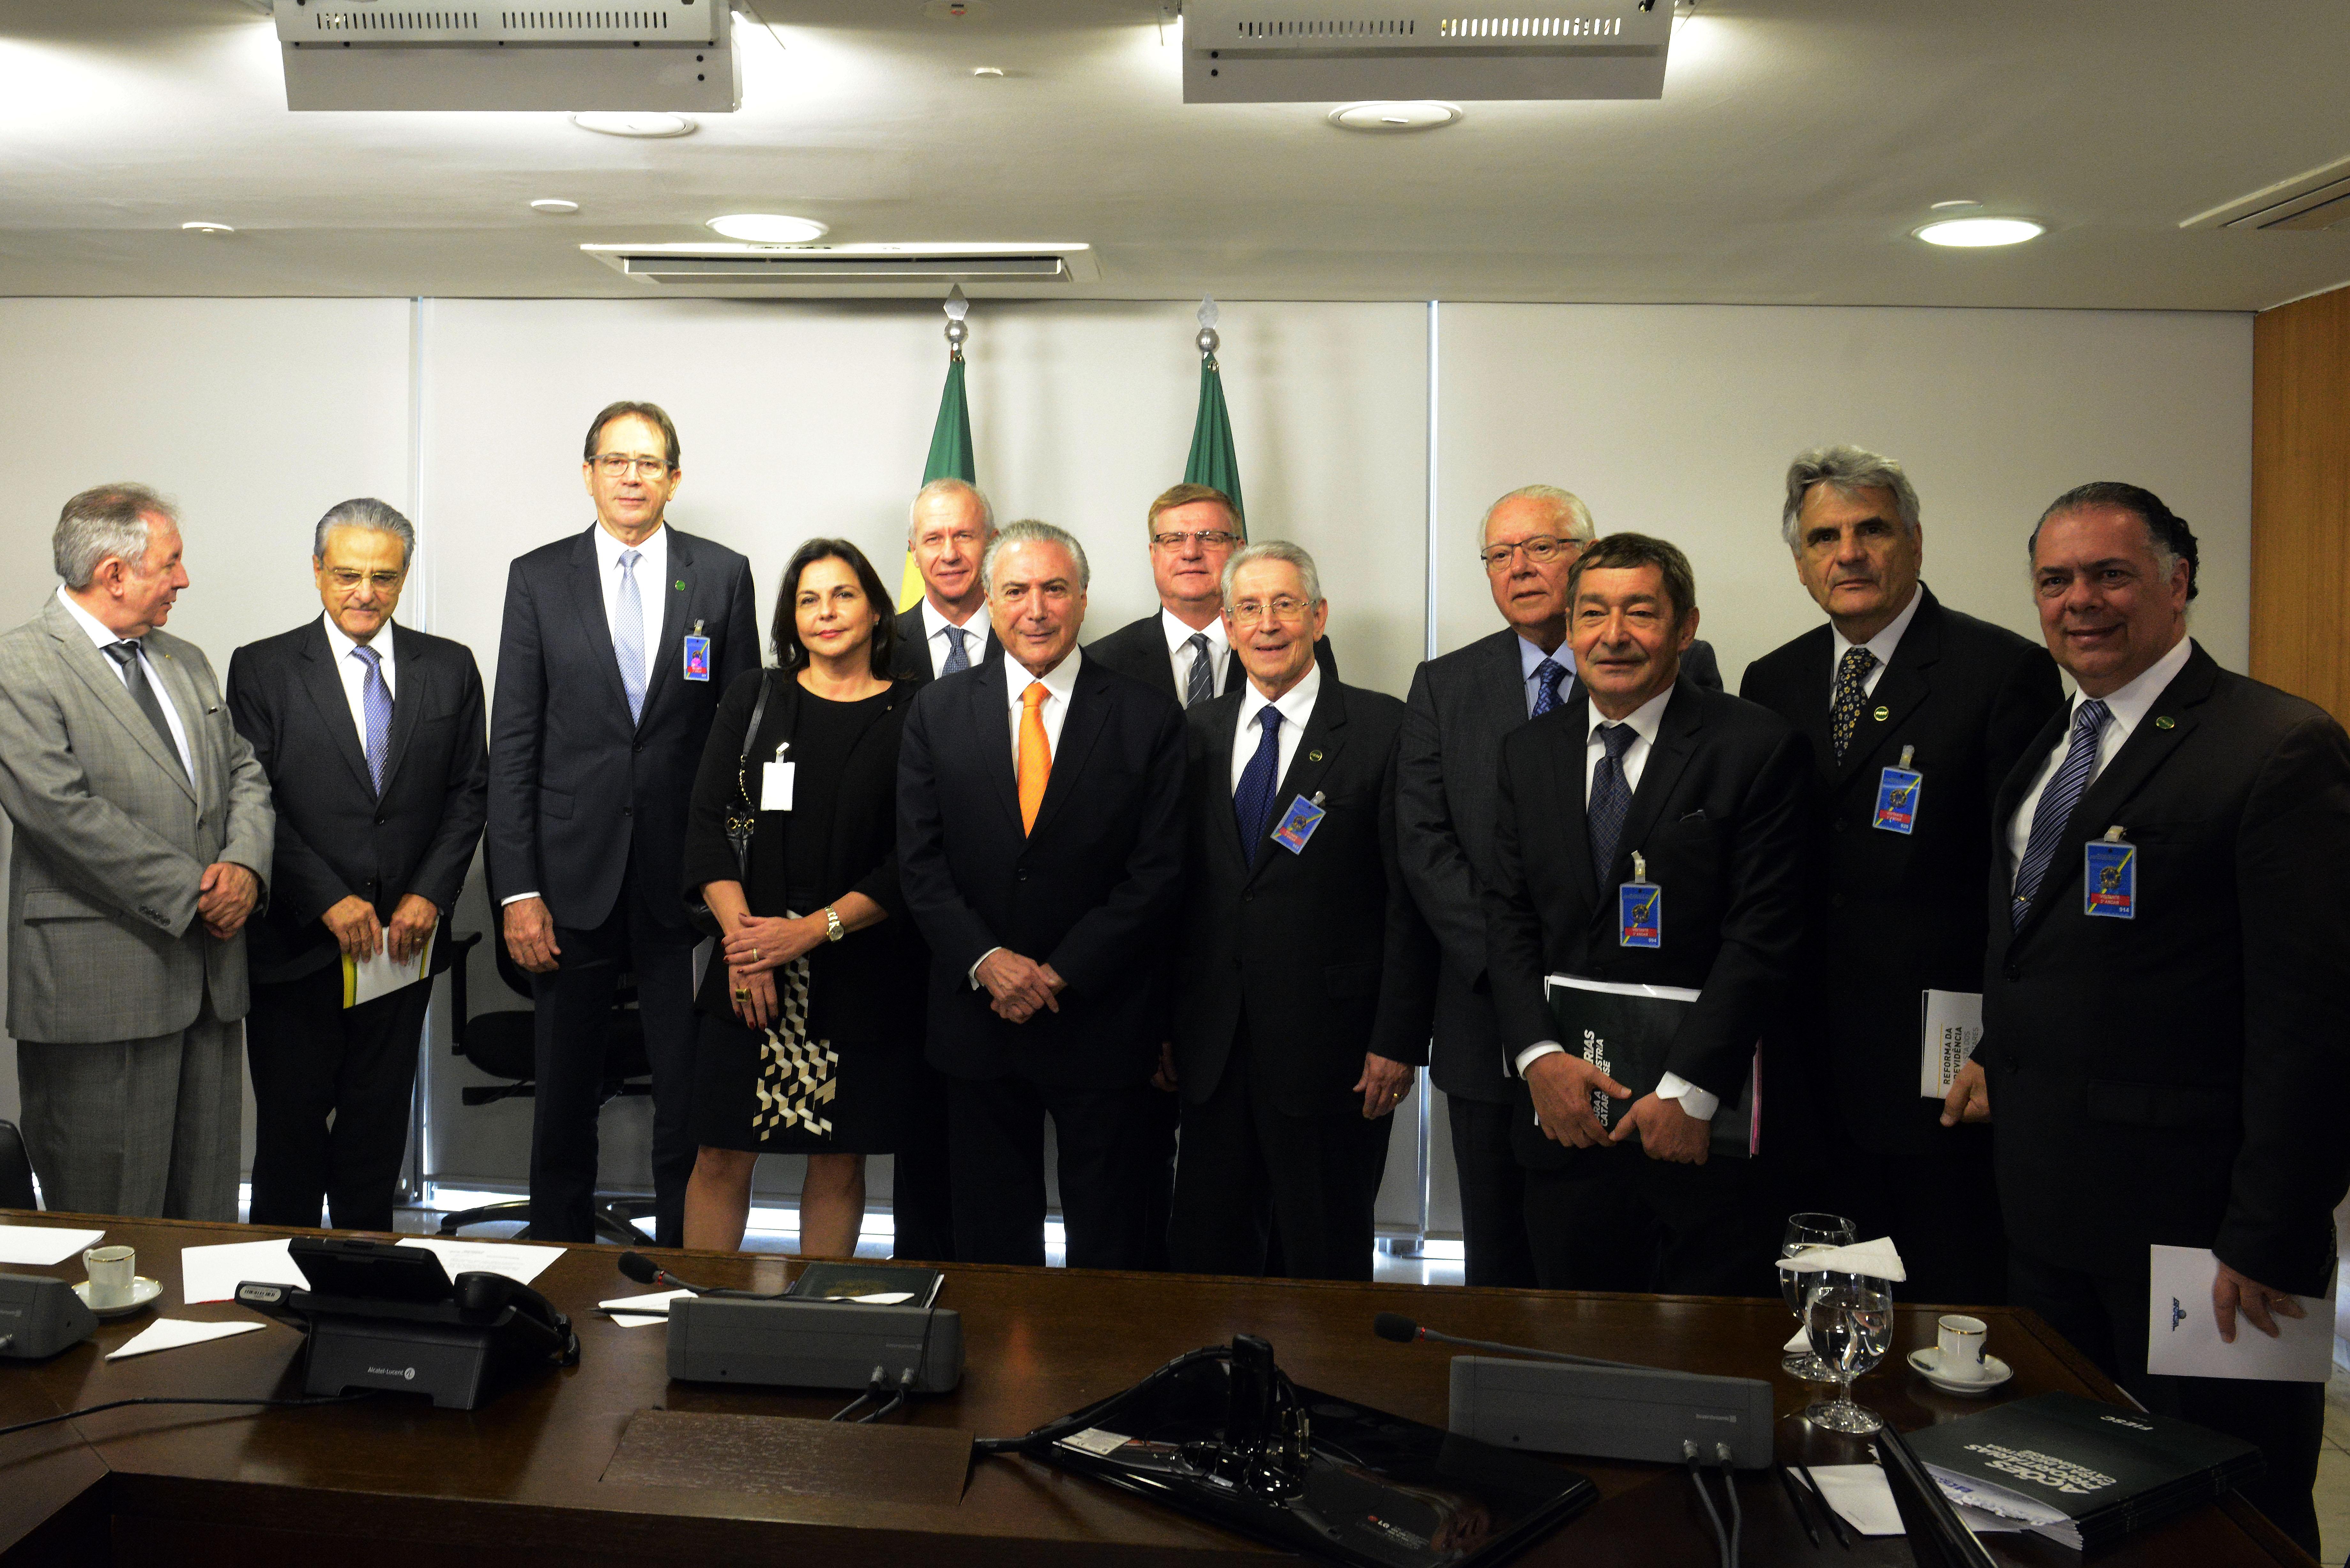 Côrte e outros líderes empresariais do Estado estiveram com Temer no Planalto - Miguel Ângelo/CNI/ND